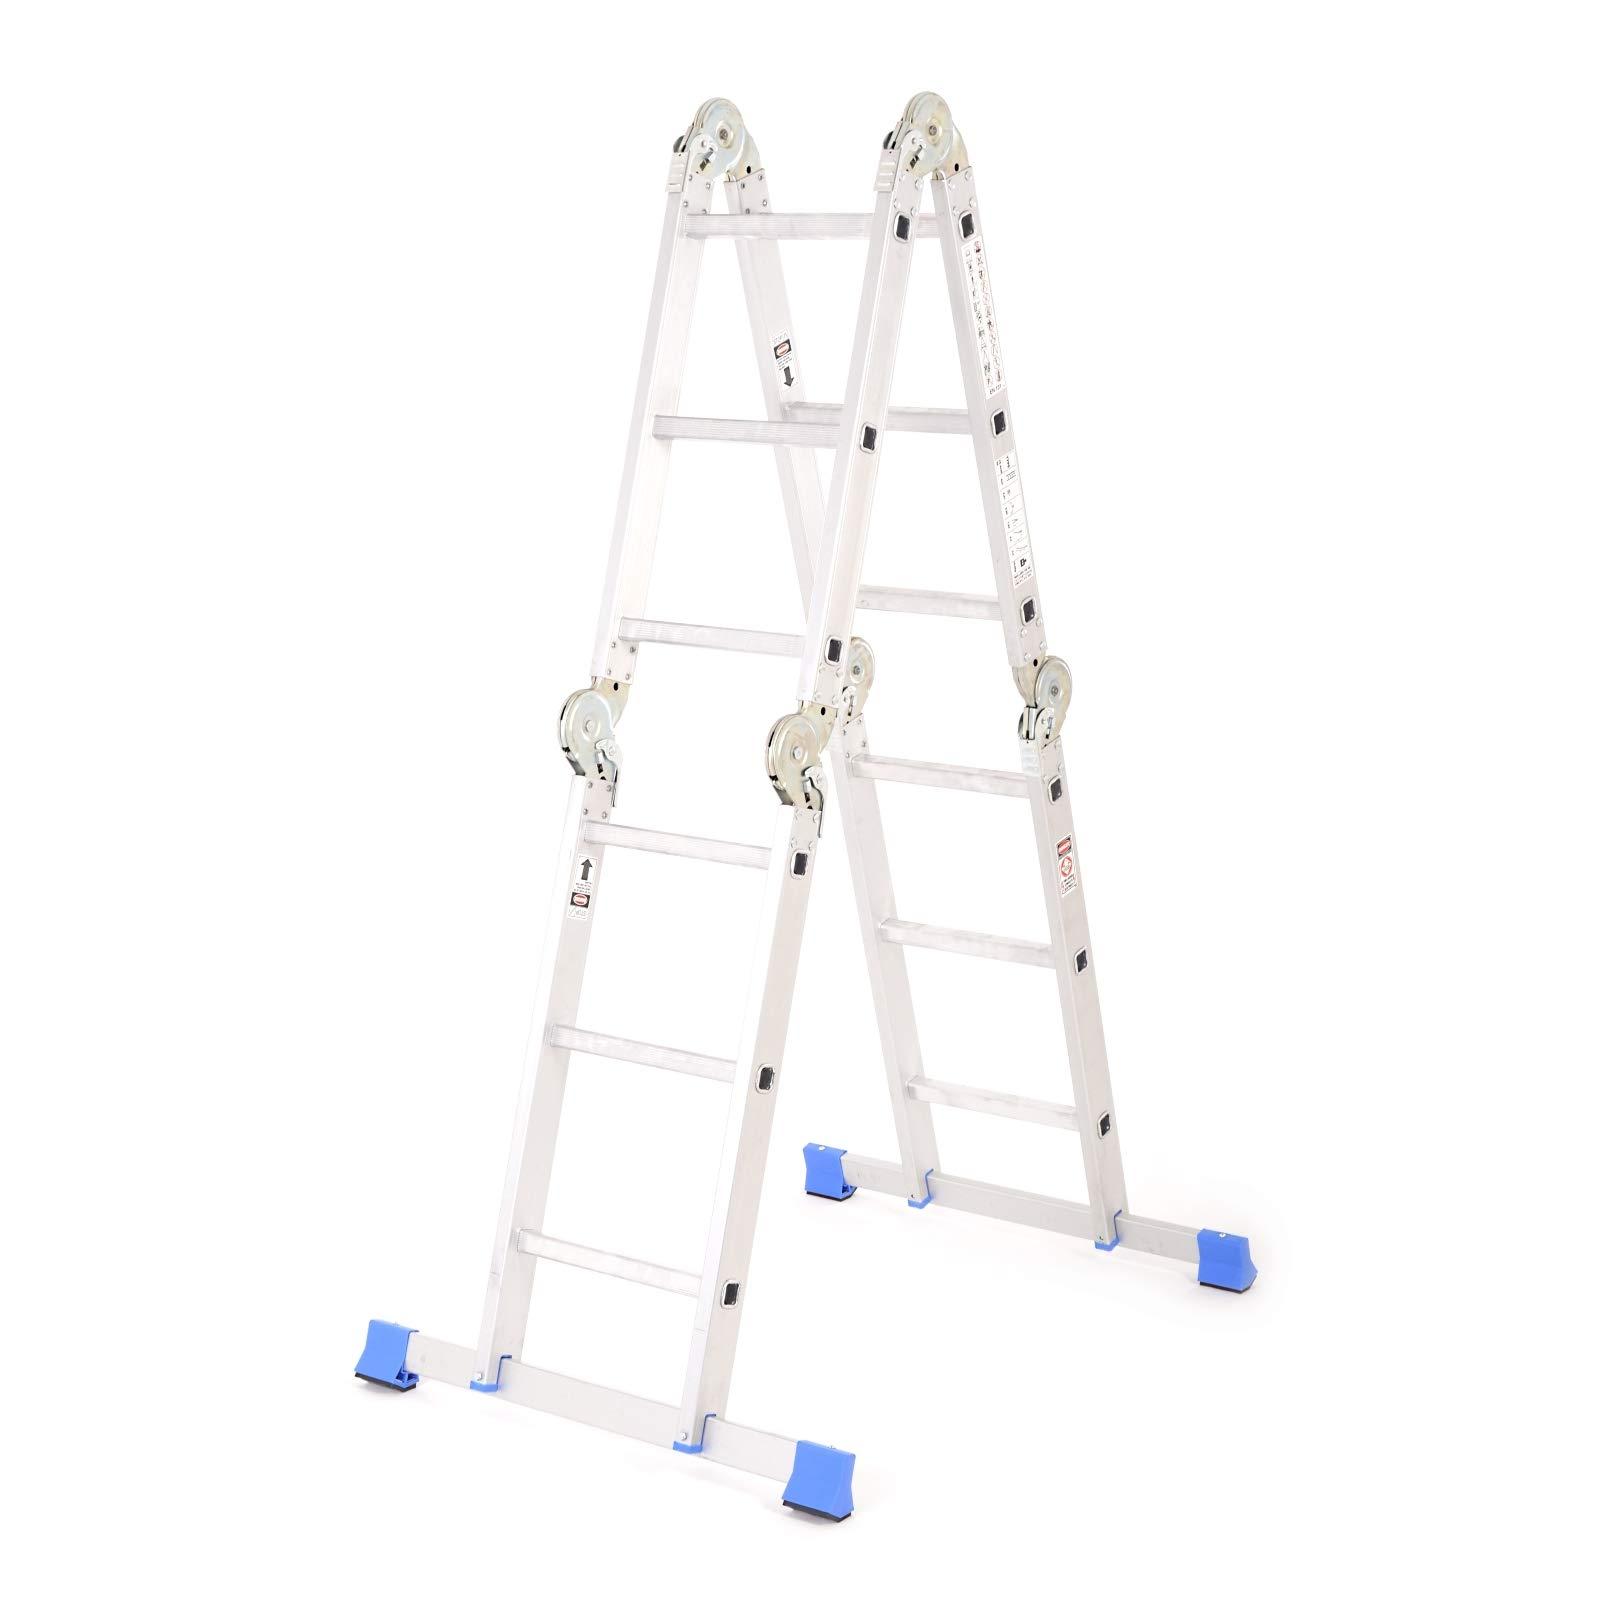 Escalera con articulaciones – Alta aluminio escalera multiusos Escalera escalera multifunción 4 x 3 peldaños con plataforma plegable tüv 150 kg de carga: Amazon.es: Bricolaje y herramientas